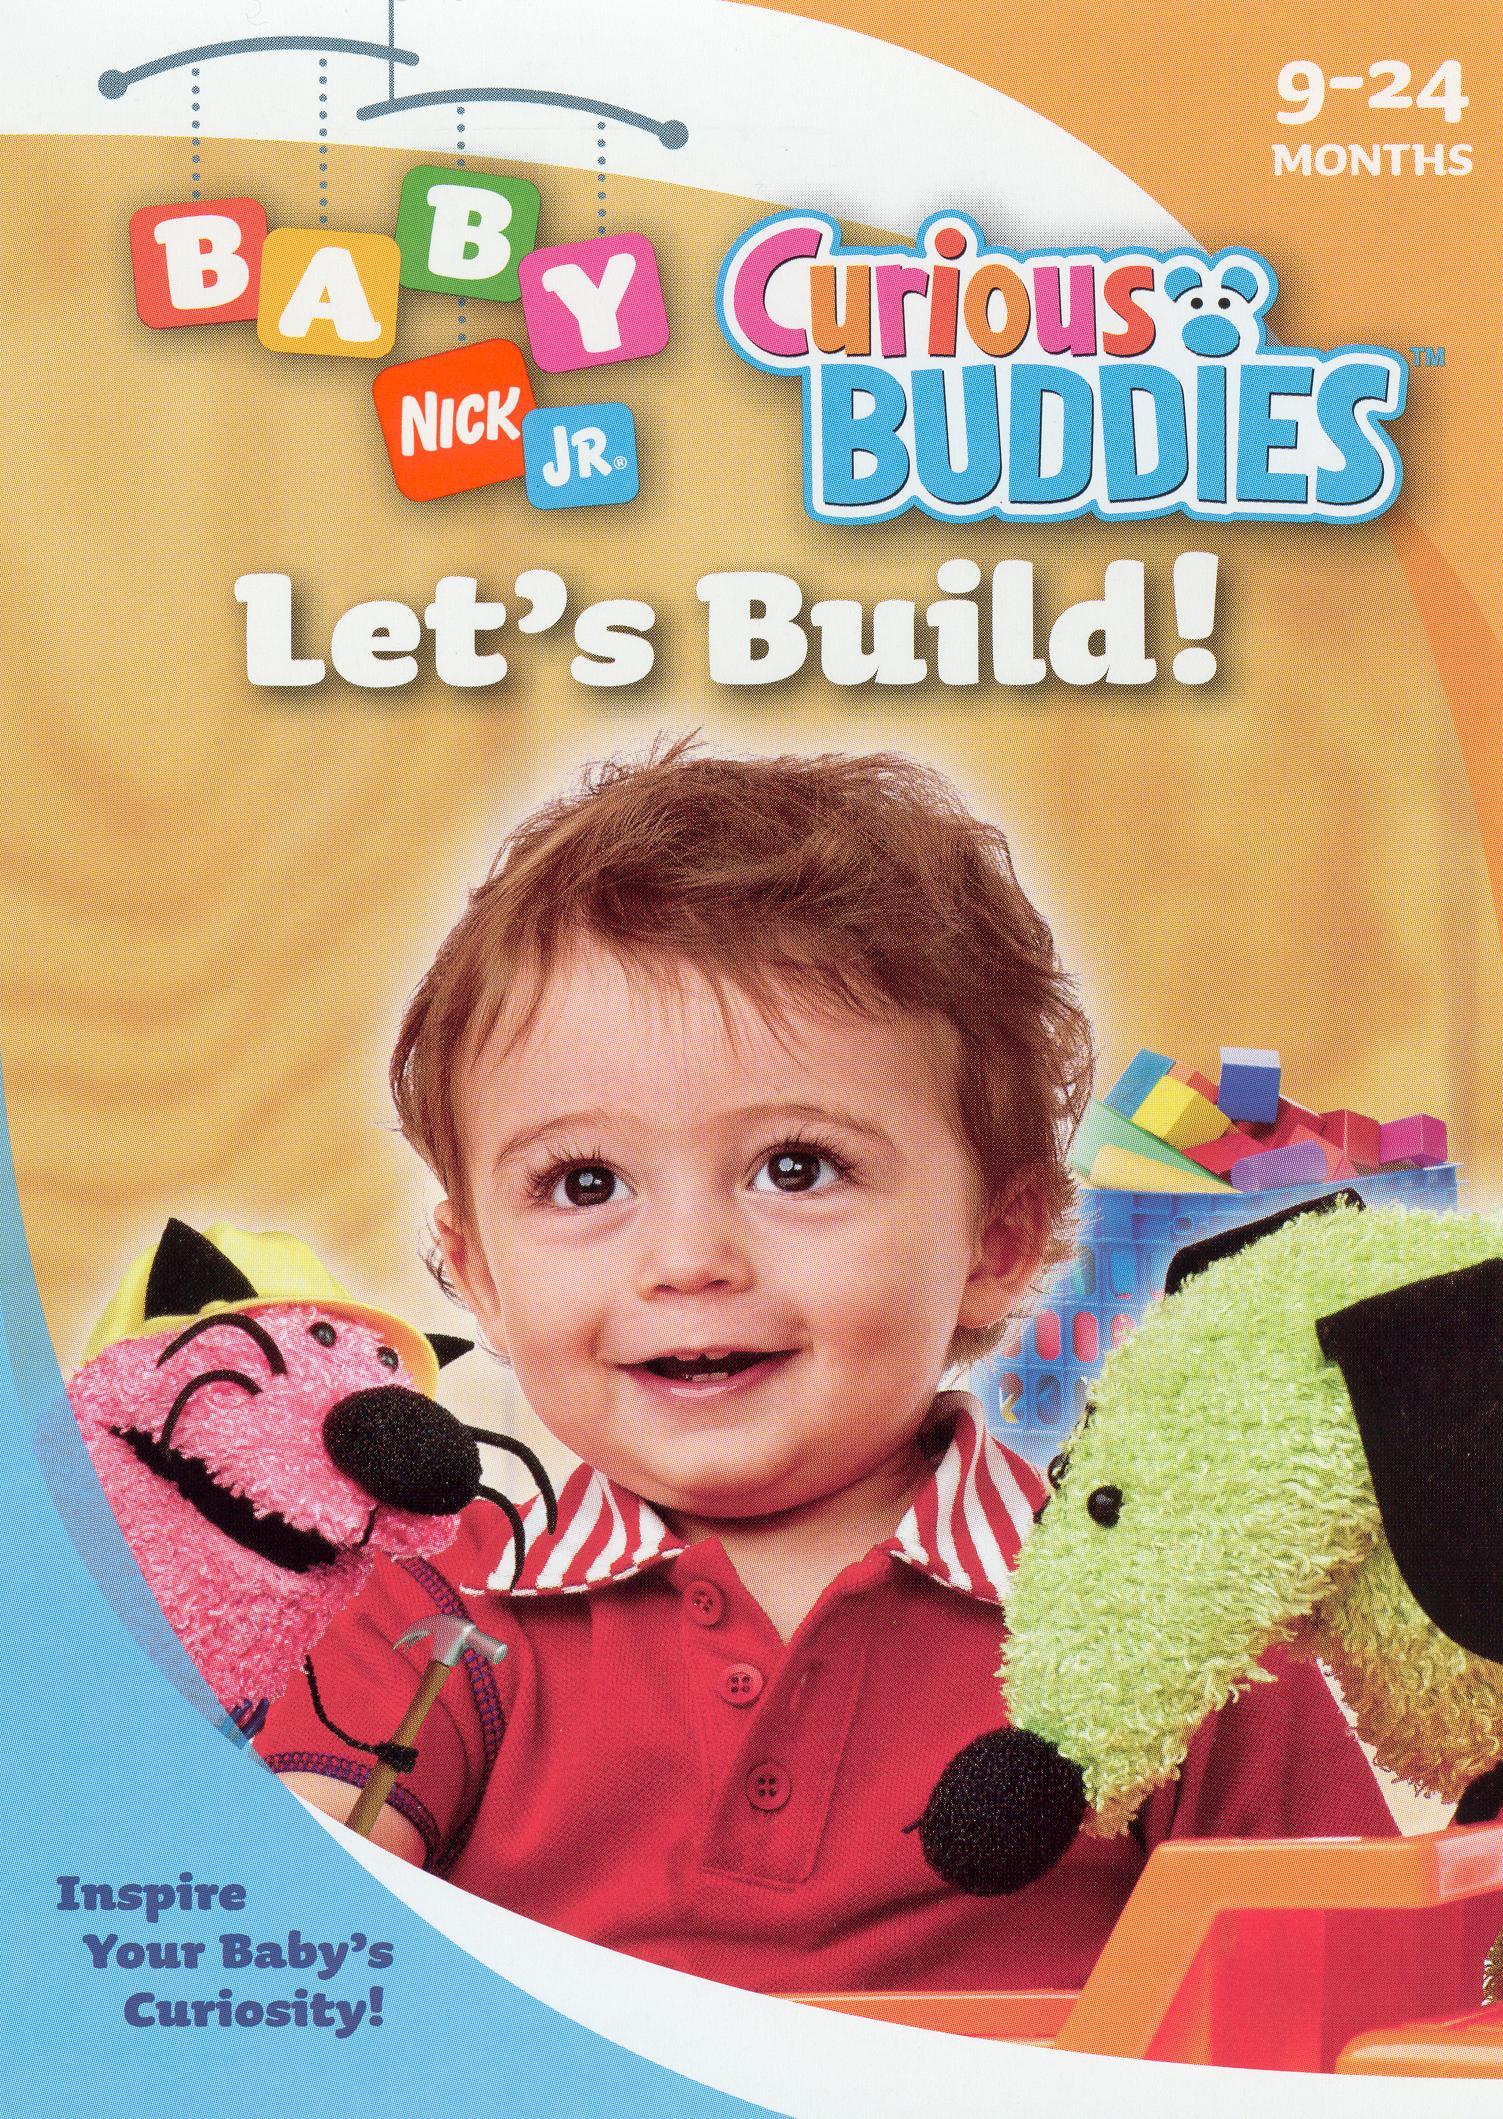 Curious Buddies: Let's Build!